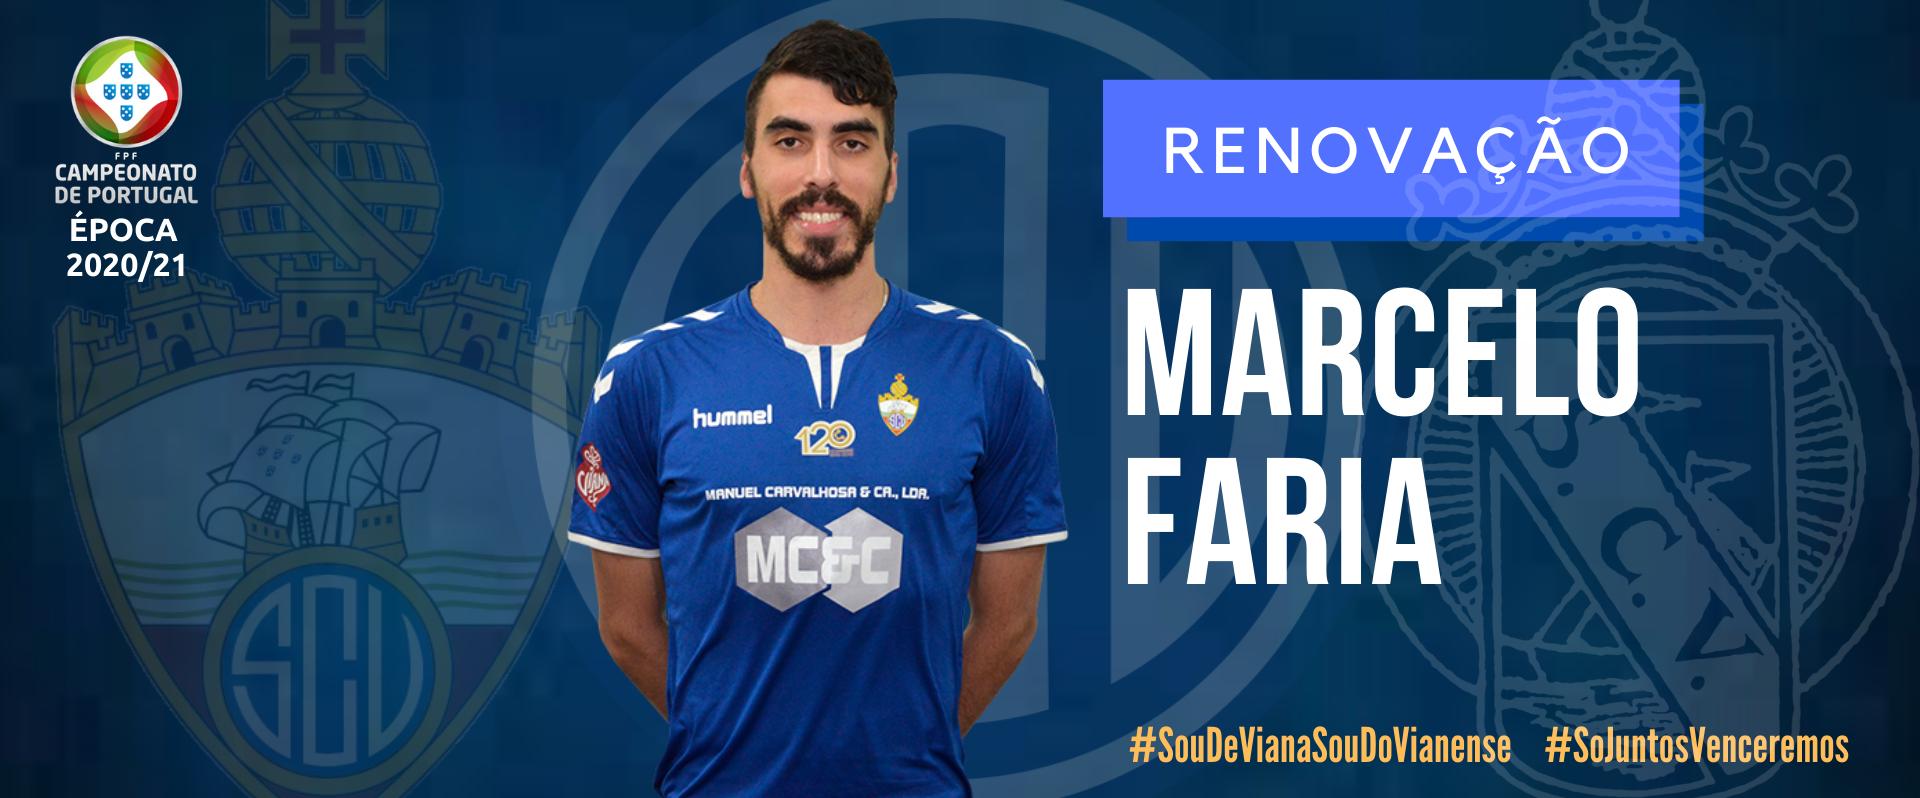 Marcelo Faria renovou!